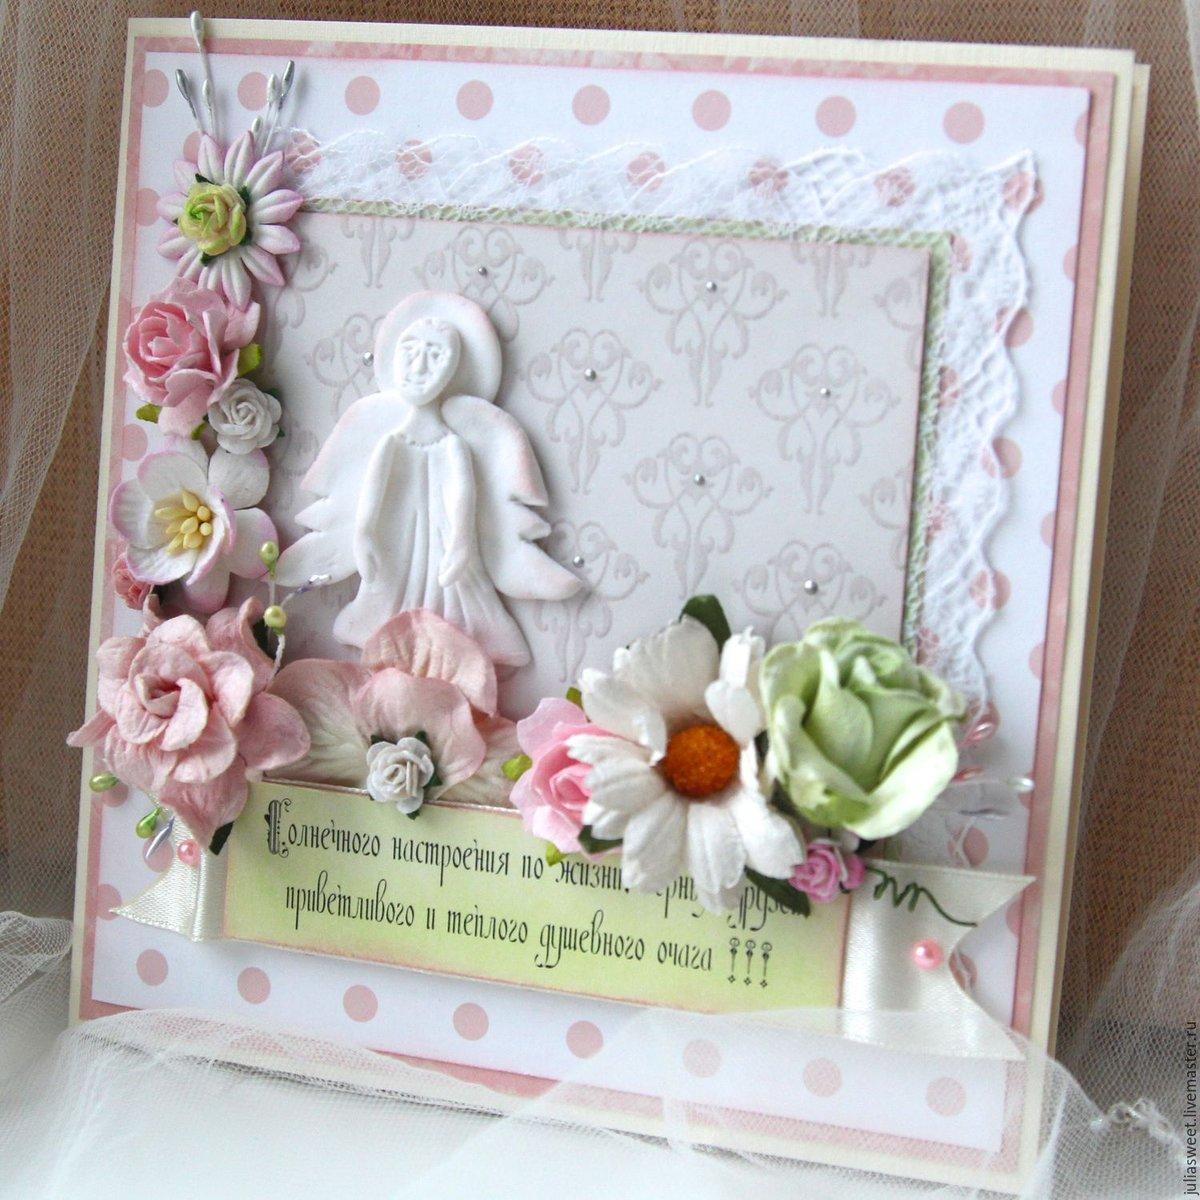 Пасхальные открытки скрапбукинг с ангелами, поздравления днем рождения